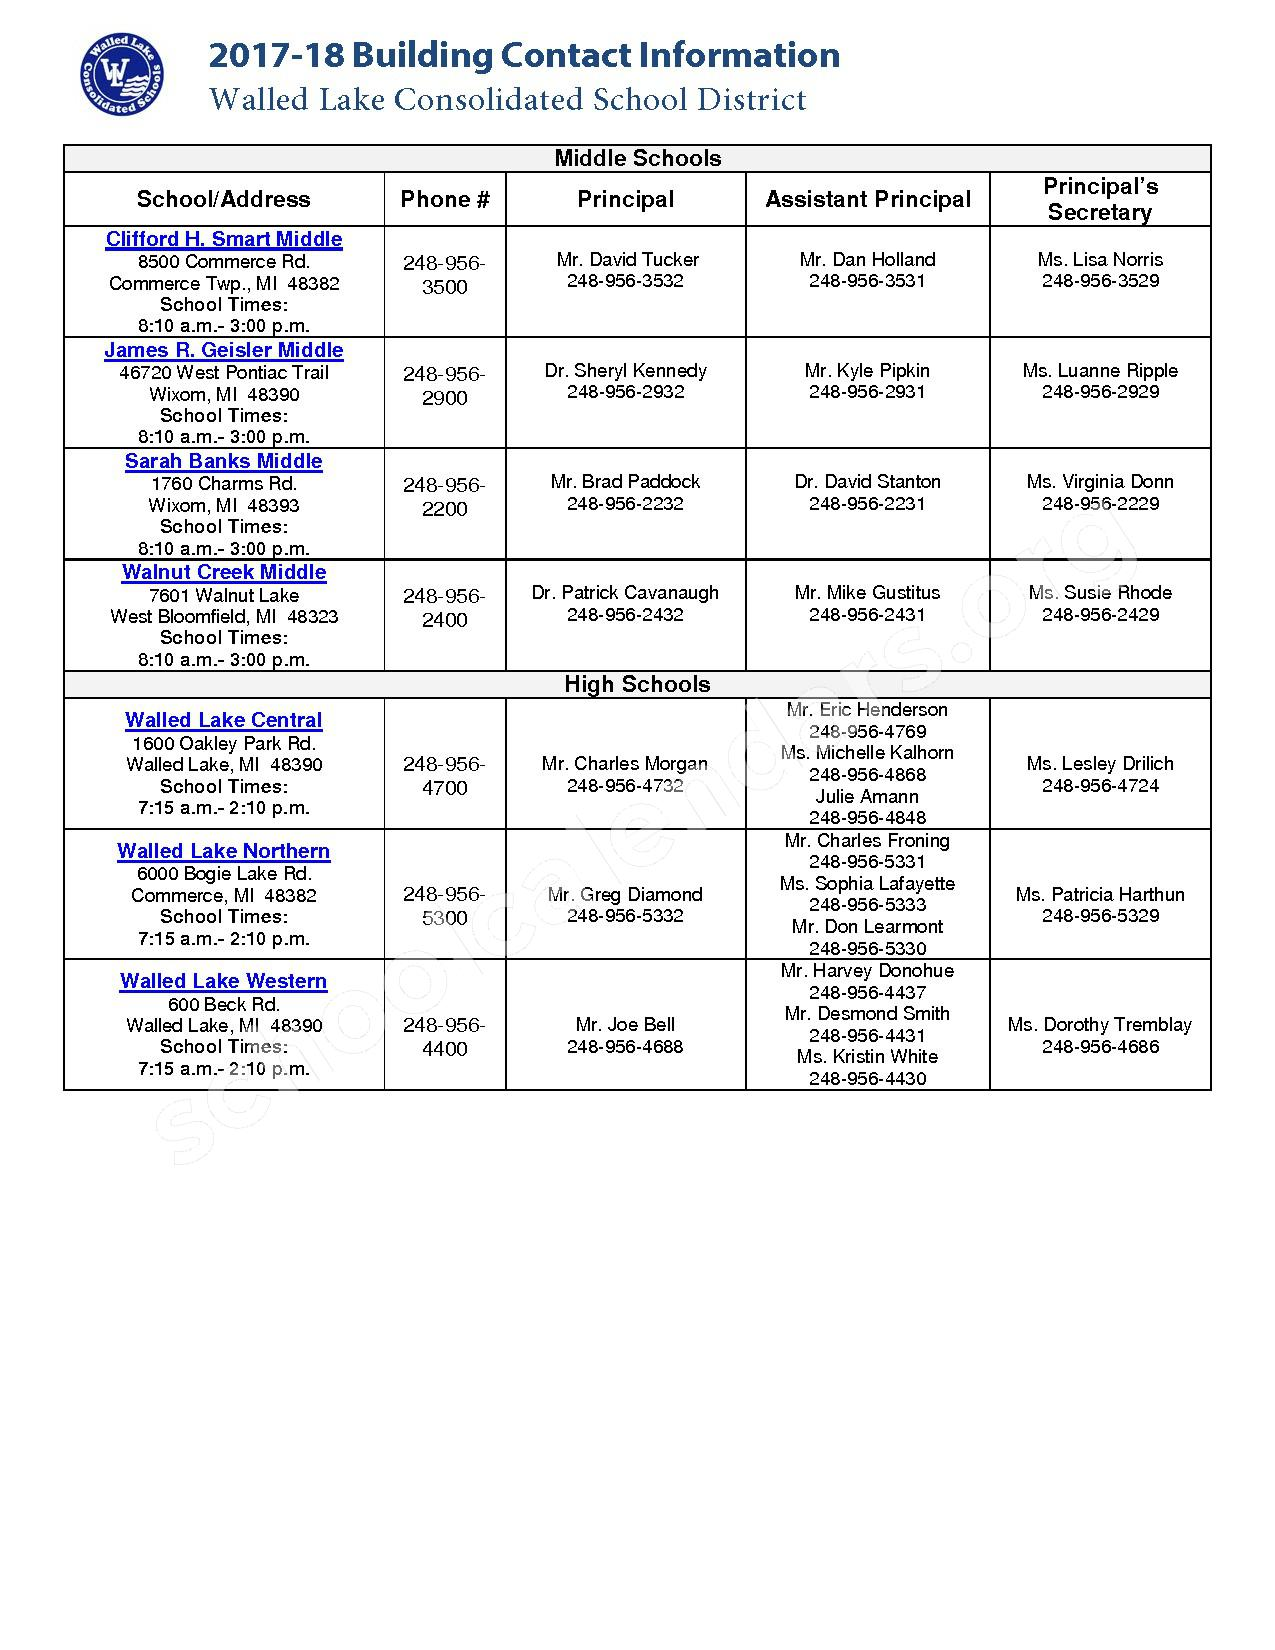 2016 - 2017 School Contact Information – Farmington Public School District – page 2